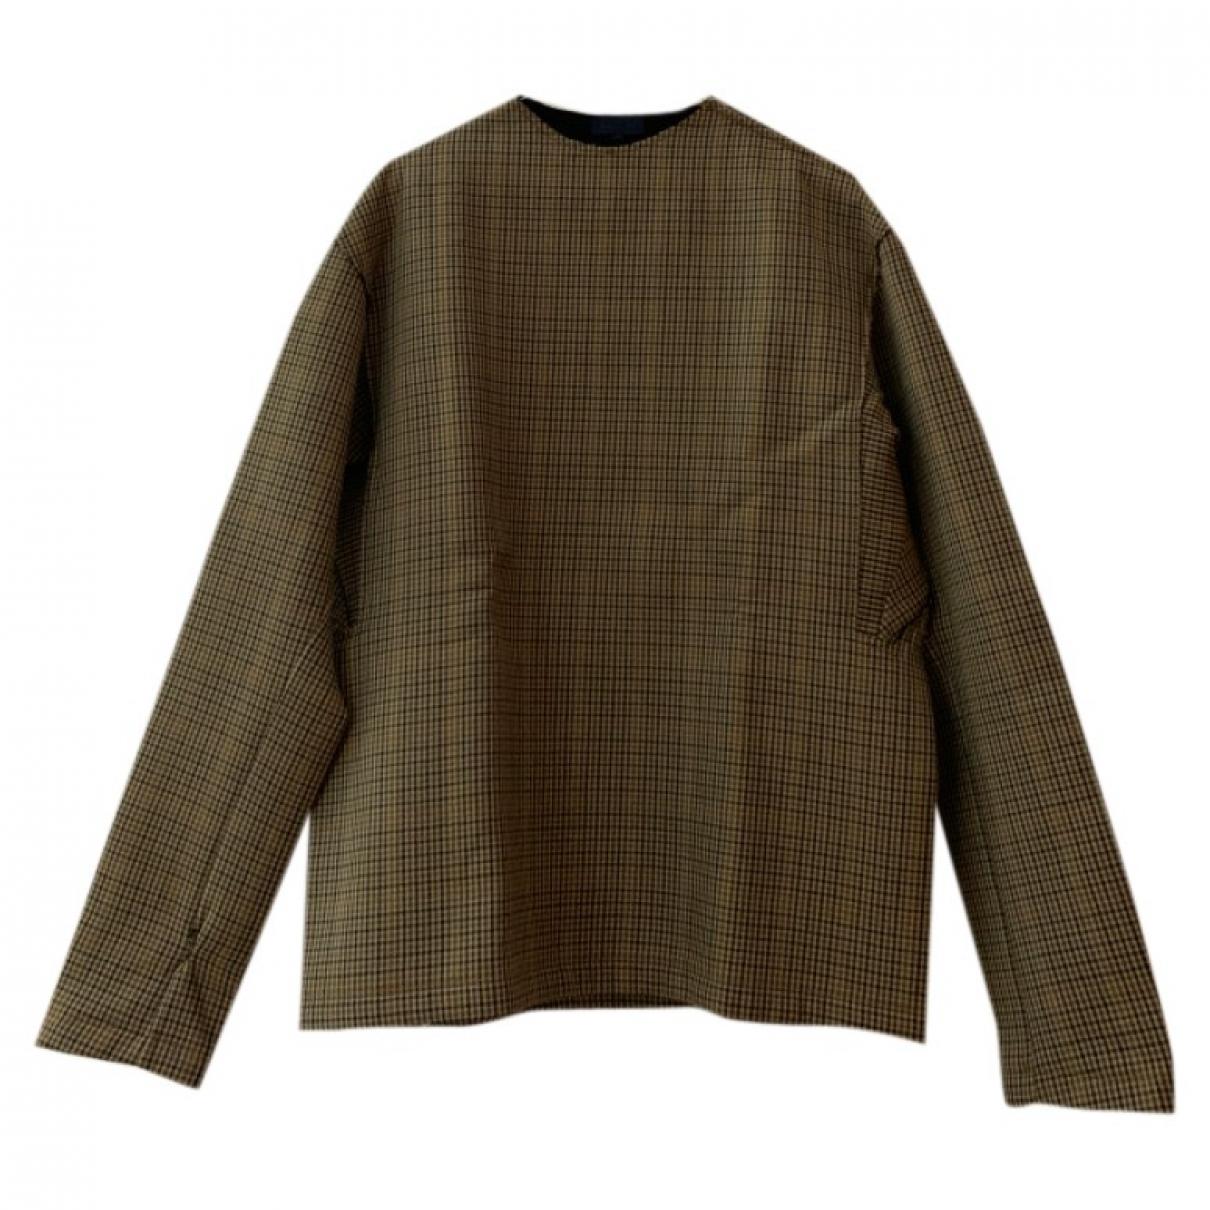 Lanvin - Vestes.Blousons   pour homme en laine - marron